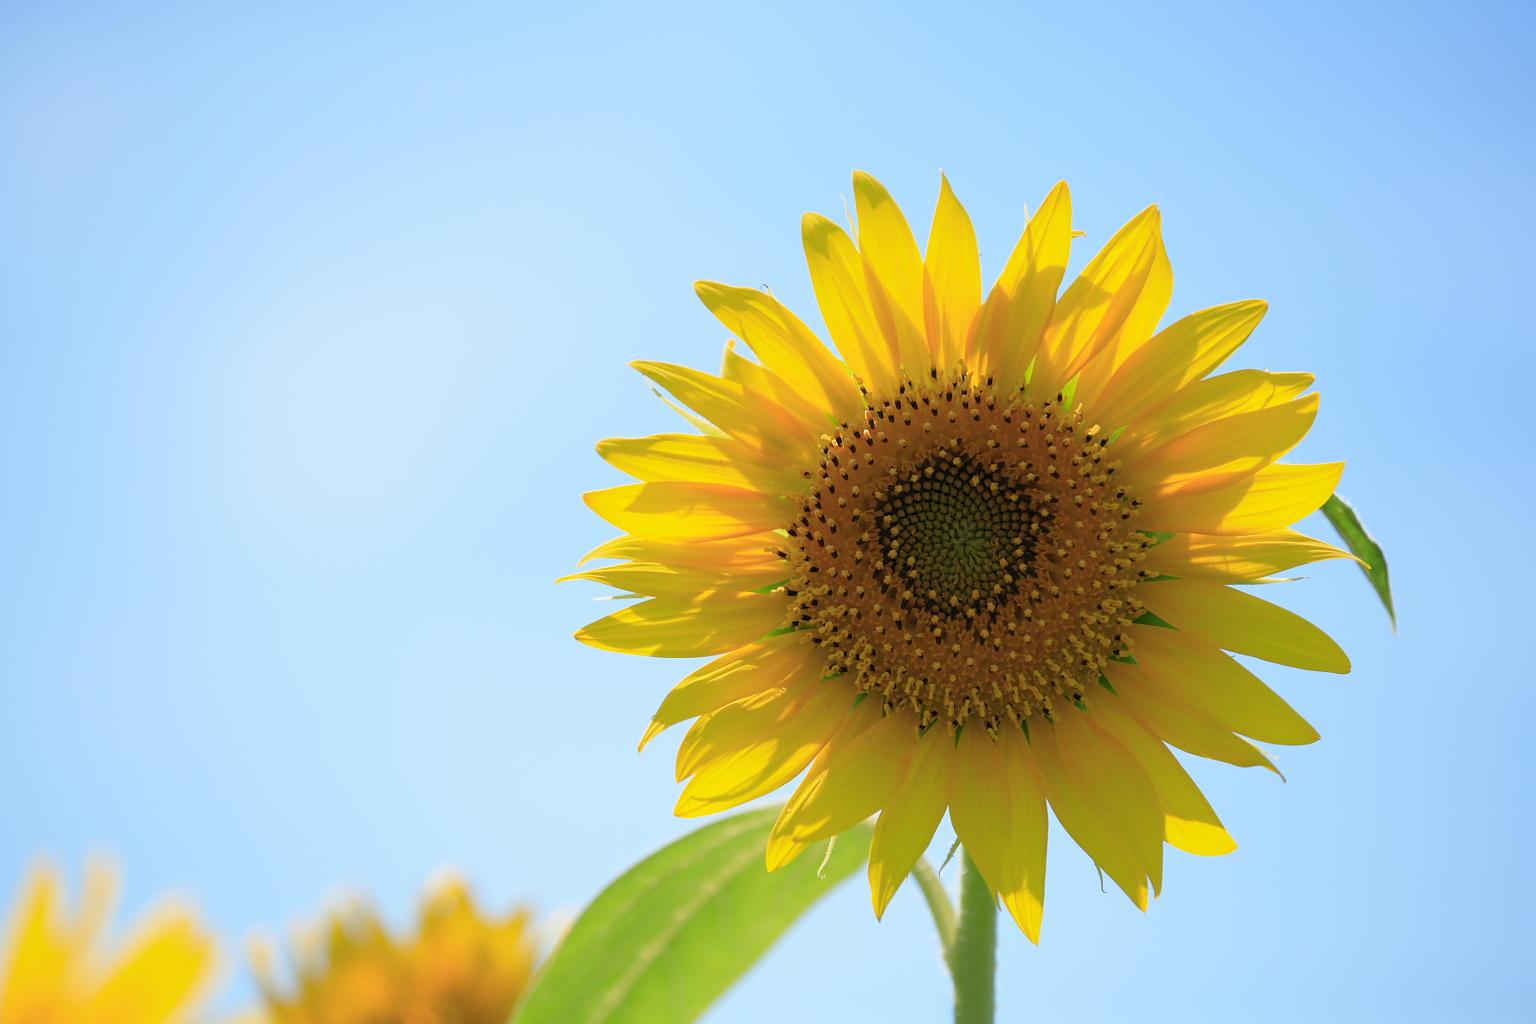 sunflower_61.jpg